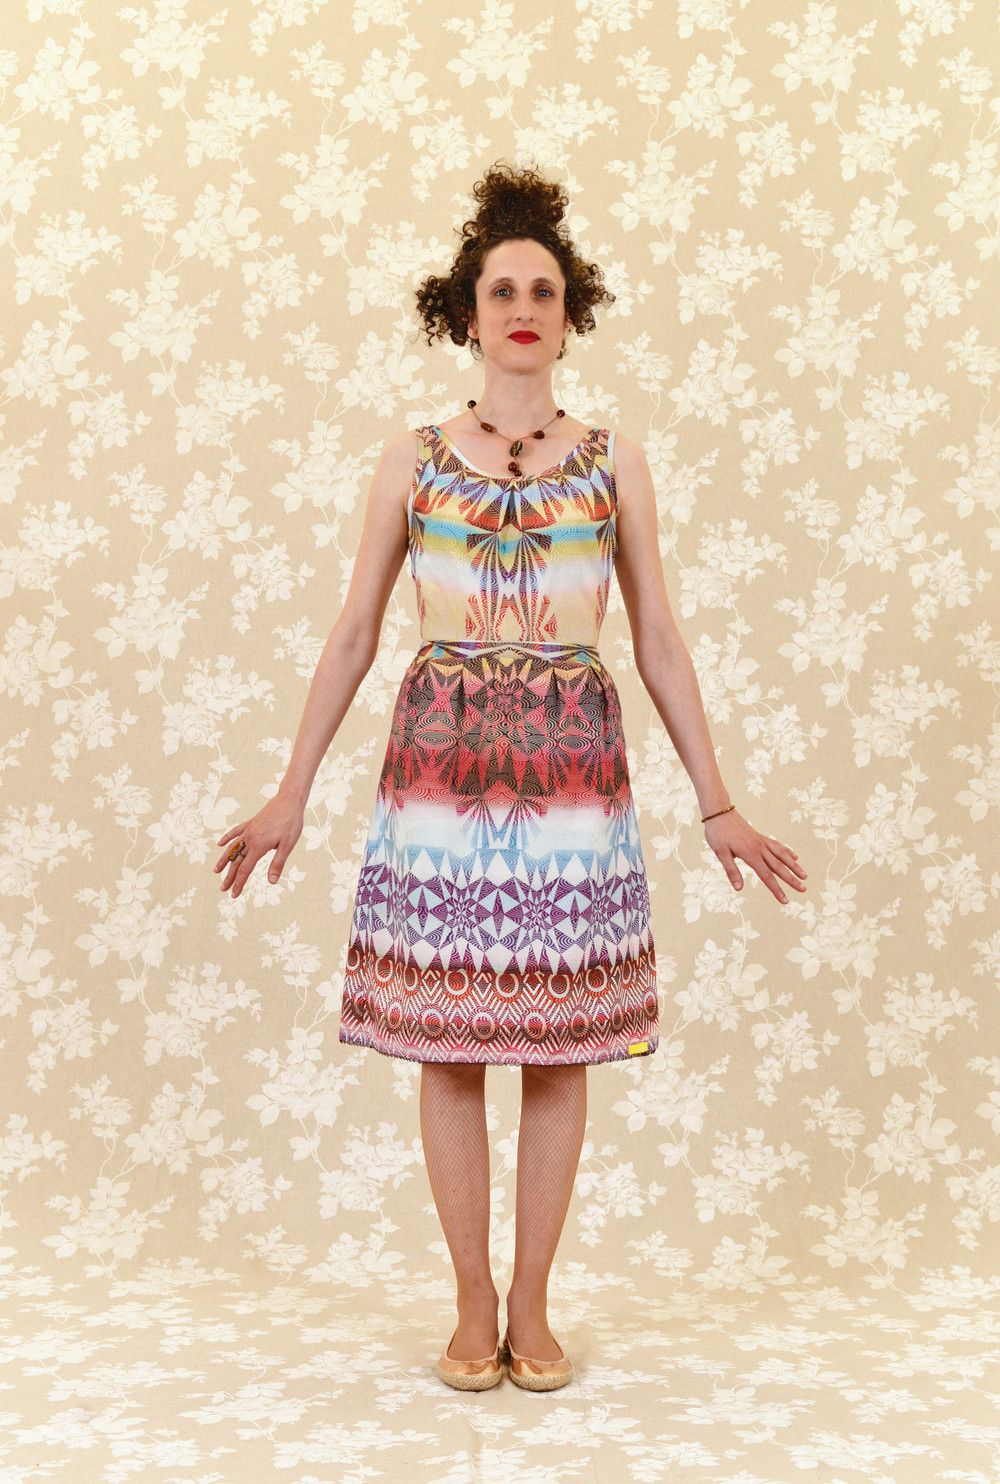 Knielange Kleider - Kleid Nina: Baumwolle, grafisch, bunt ...